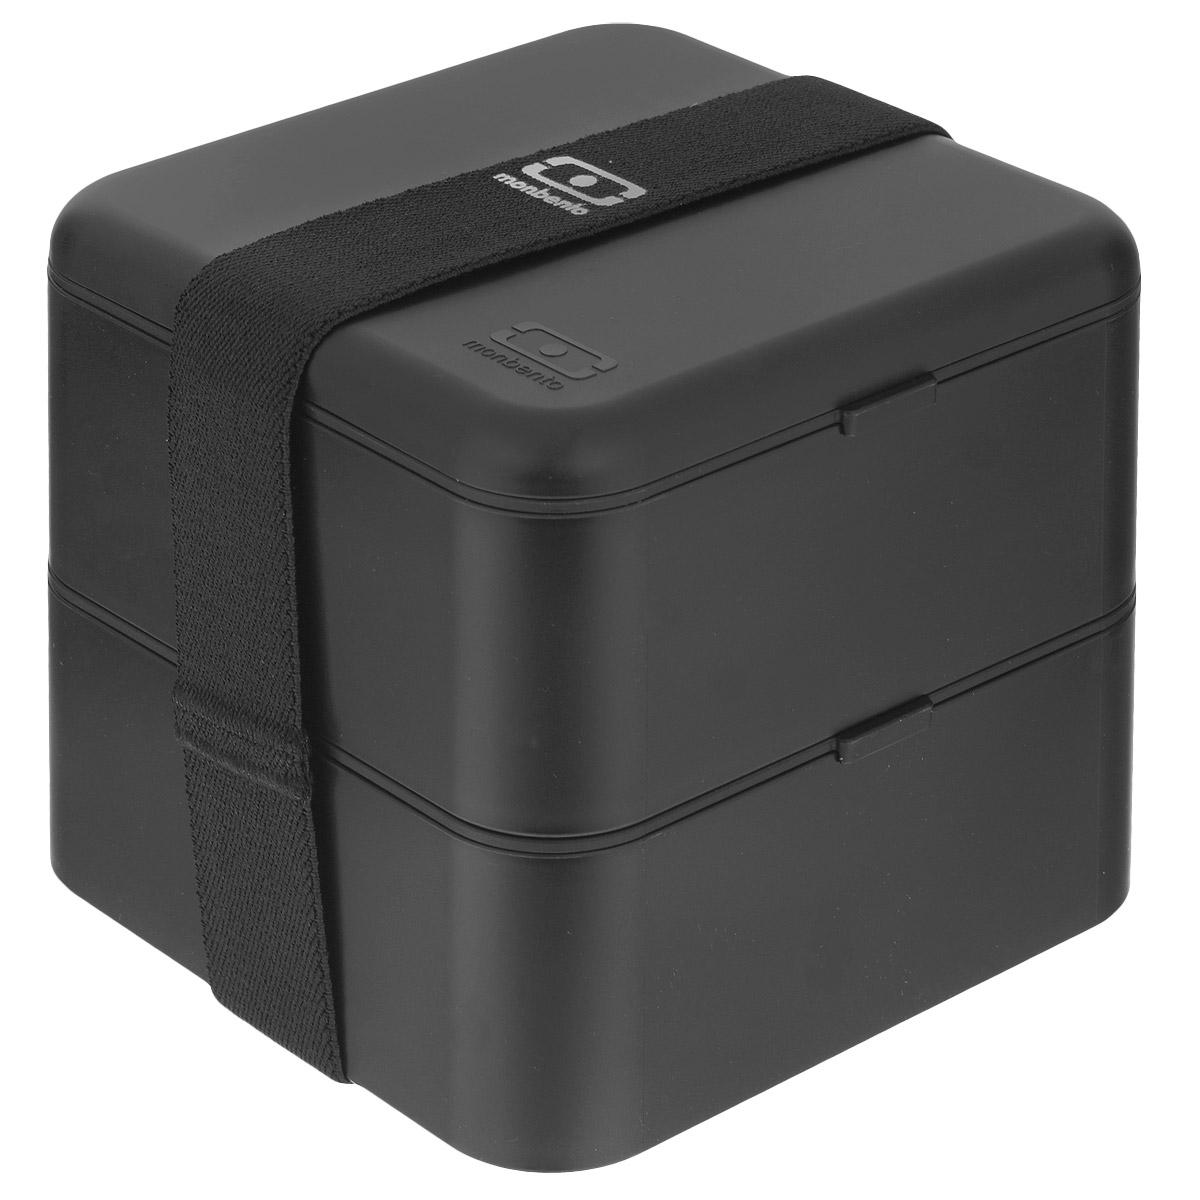 Ланчбокс Monbento Square, цвет: черный, 1,7 лVT-1520(SR)Ланчбокс Monbento Square изготовлен из высококачественного пищевого пластика. Предназначен для хранения и переноски пищевых продуктов в больших порциях: подходит для салатов, бутербродов и других блюд. Ланчбокс представляет собой два квадратных контейнера, в которых удобно хранить сразу несколько видов блюд. Контейнеры вакуумные, что позволяет продуктам дольше оставаться свежими и вкусными. Контейнеры скрепляются эластичной резинкой. Компактные размеры позволят уместить ланчбокс в любой сумке. Его удобно взять с собой на работу, отдых, в поездку. Теперь любимая домашняя еда всегда будет под рукой, а яркий дизайн поднимет настроение и подарит заряд позитива. Можно использовать в микроволновой печи и для хранения пищи в холодильнике, можно мыть в посудомоечной машине. Объем: 1,7 л. Общий размер ланчбокса: 14 см х 14 см х 14 см. Размер контейнера: 14 см х 14 см х 8 см.